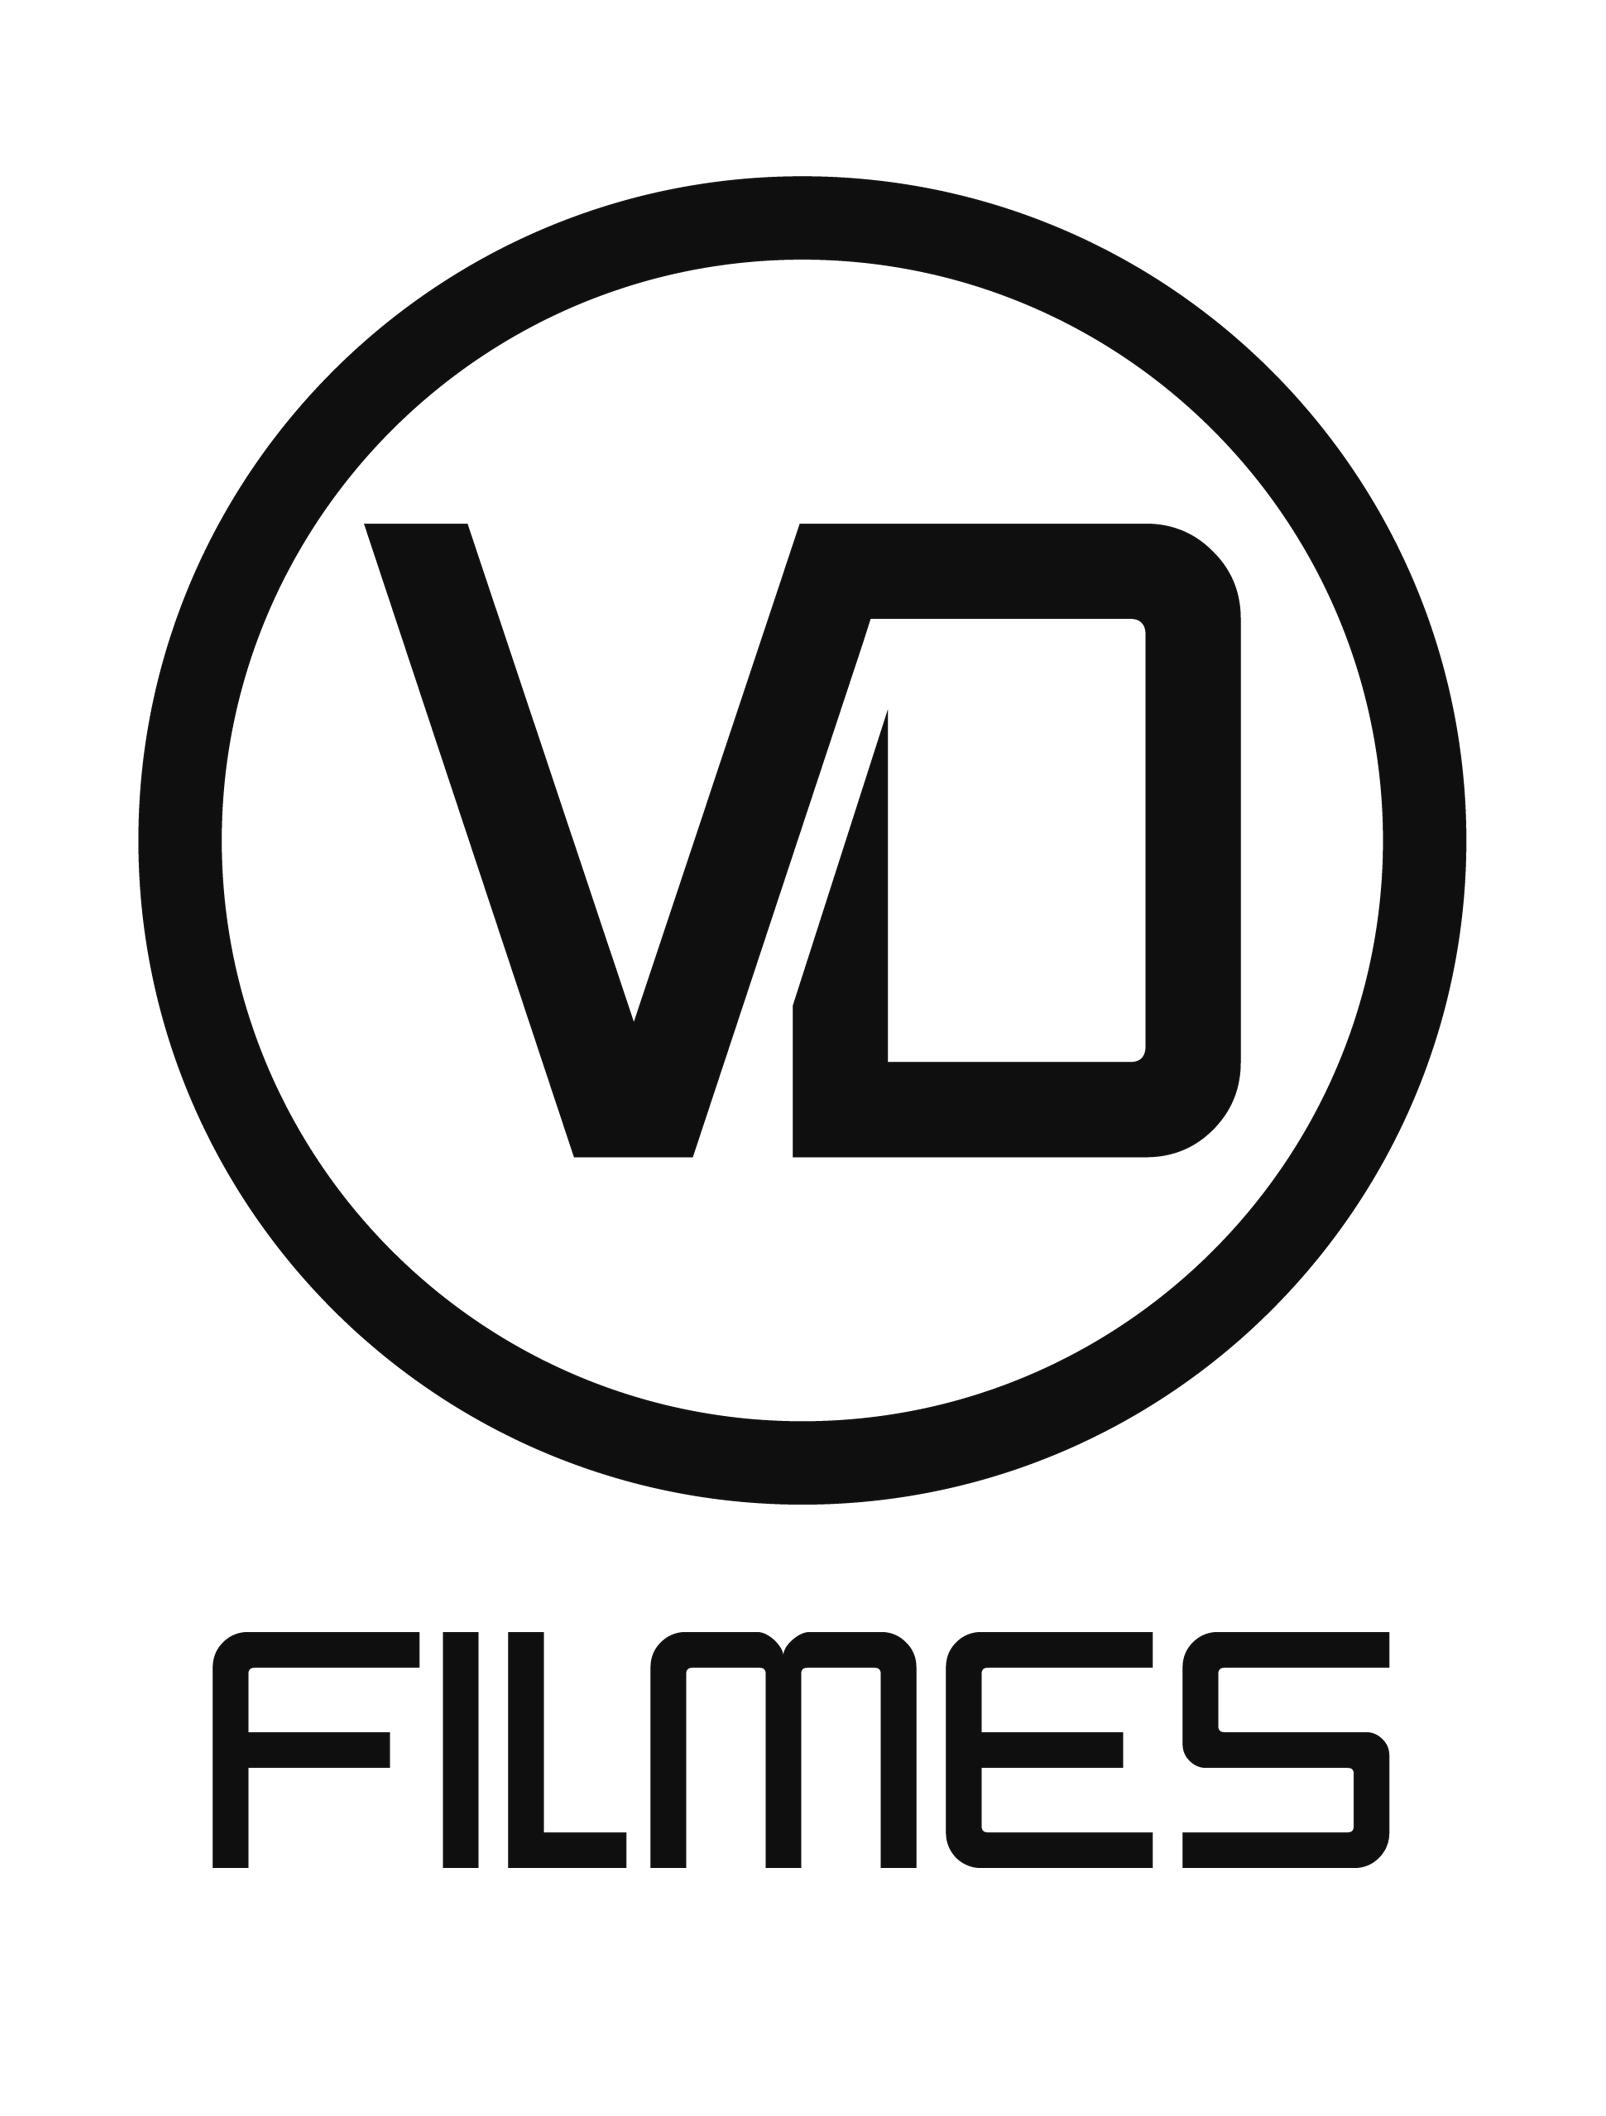 VD Filmes